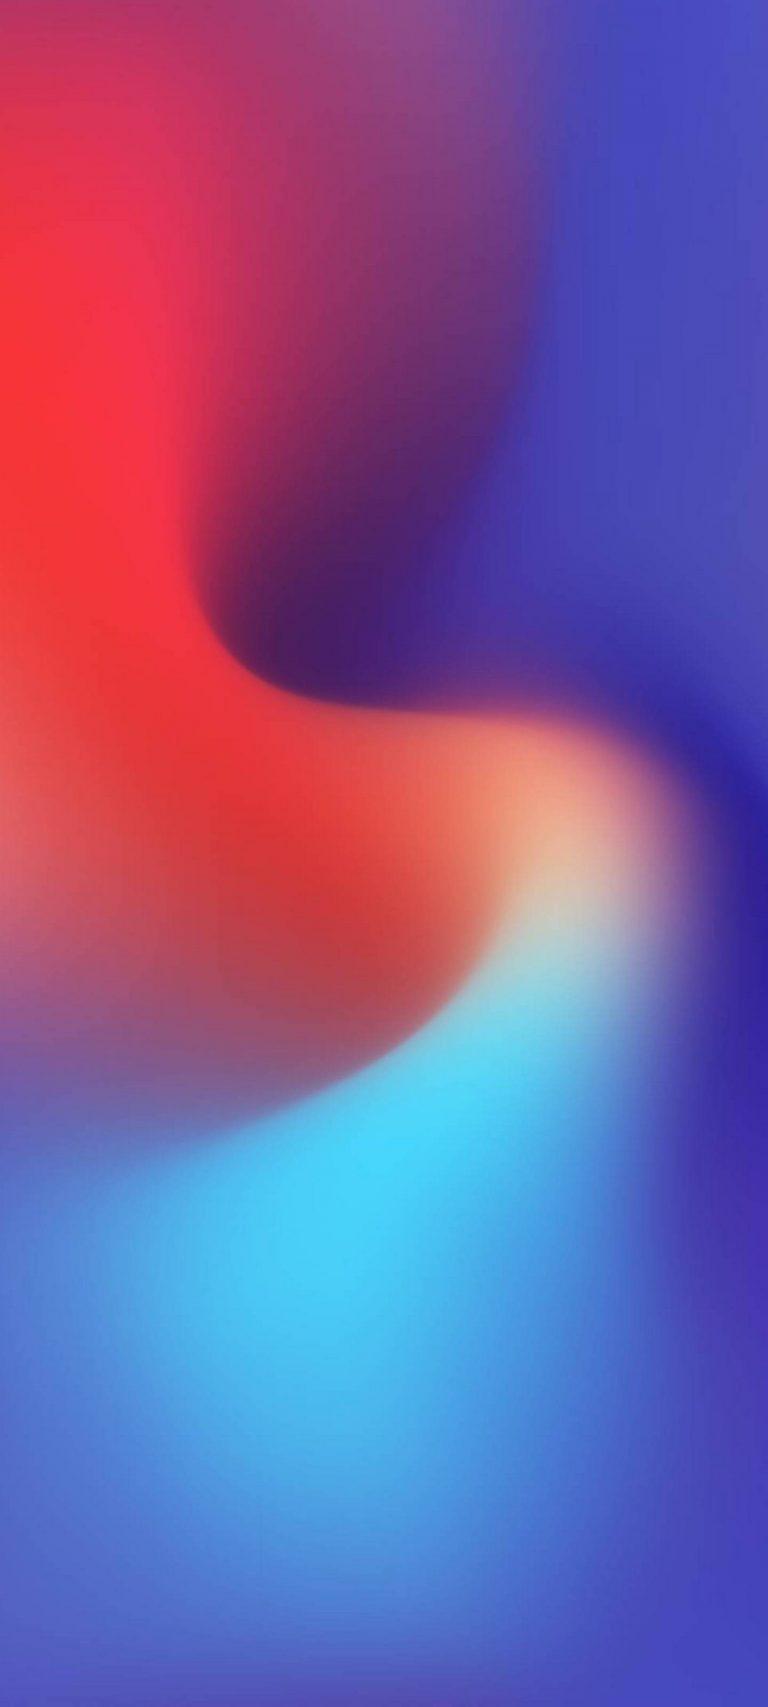 1440x3200 HD Wallpaper 276 768x1707 - 1440x3200 HD Wallpaper - 276